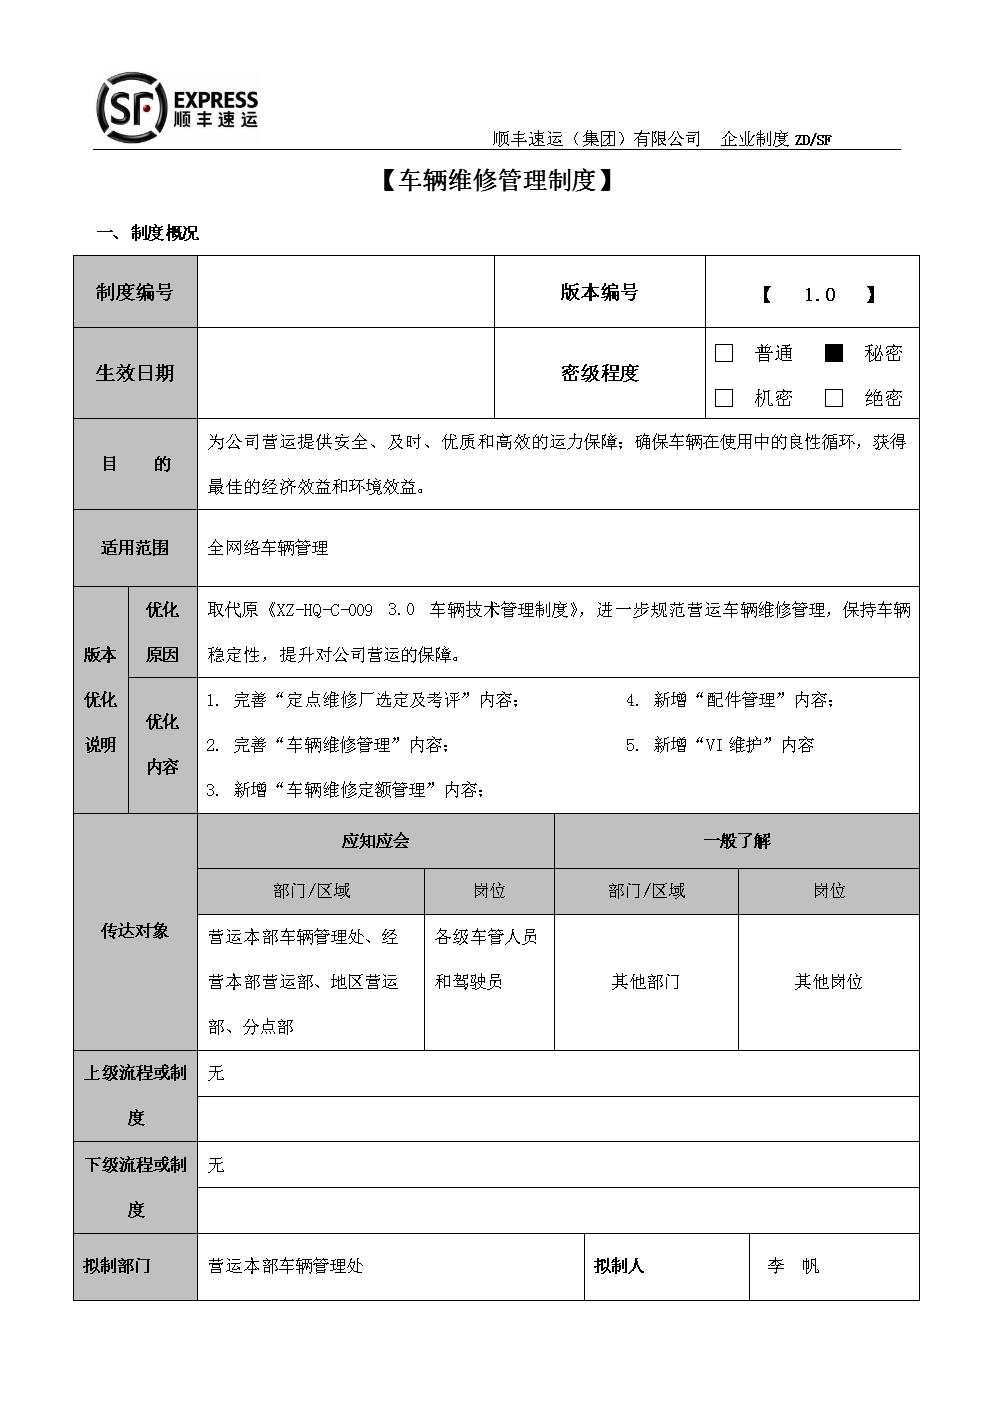 顺丰速运(集全集团)-车辆维修管理制度漫画飒部落